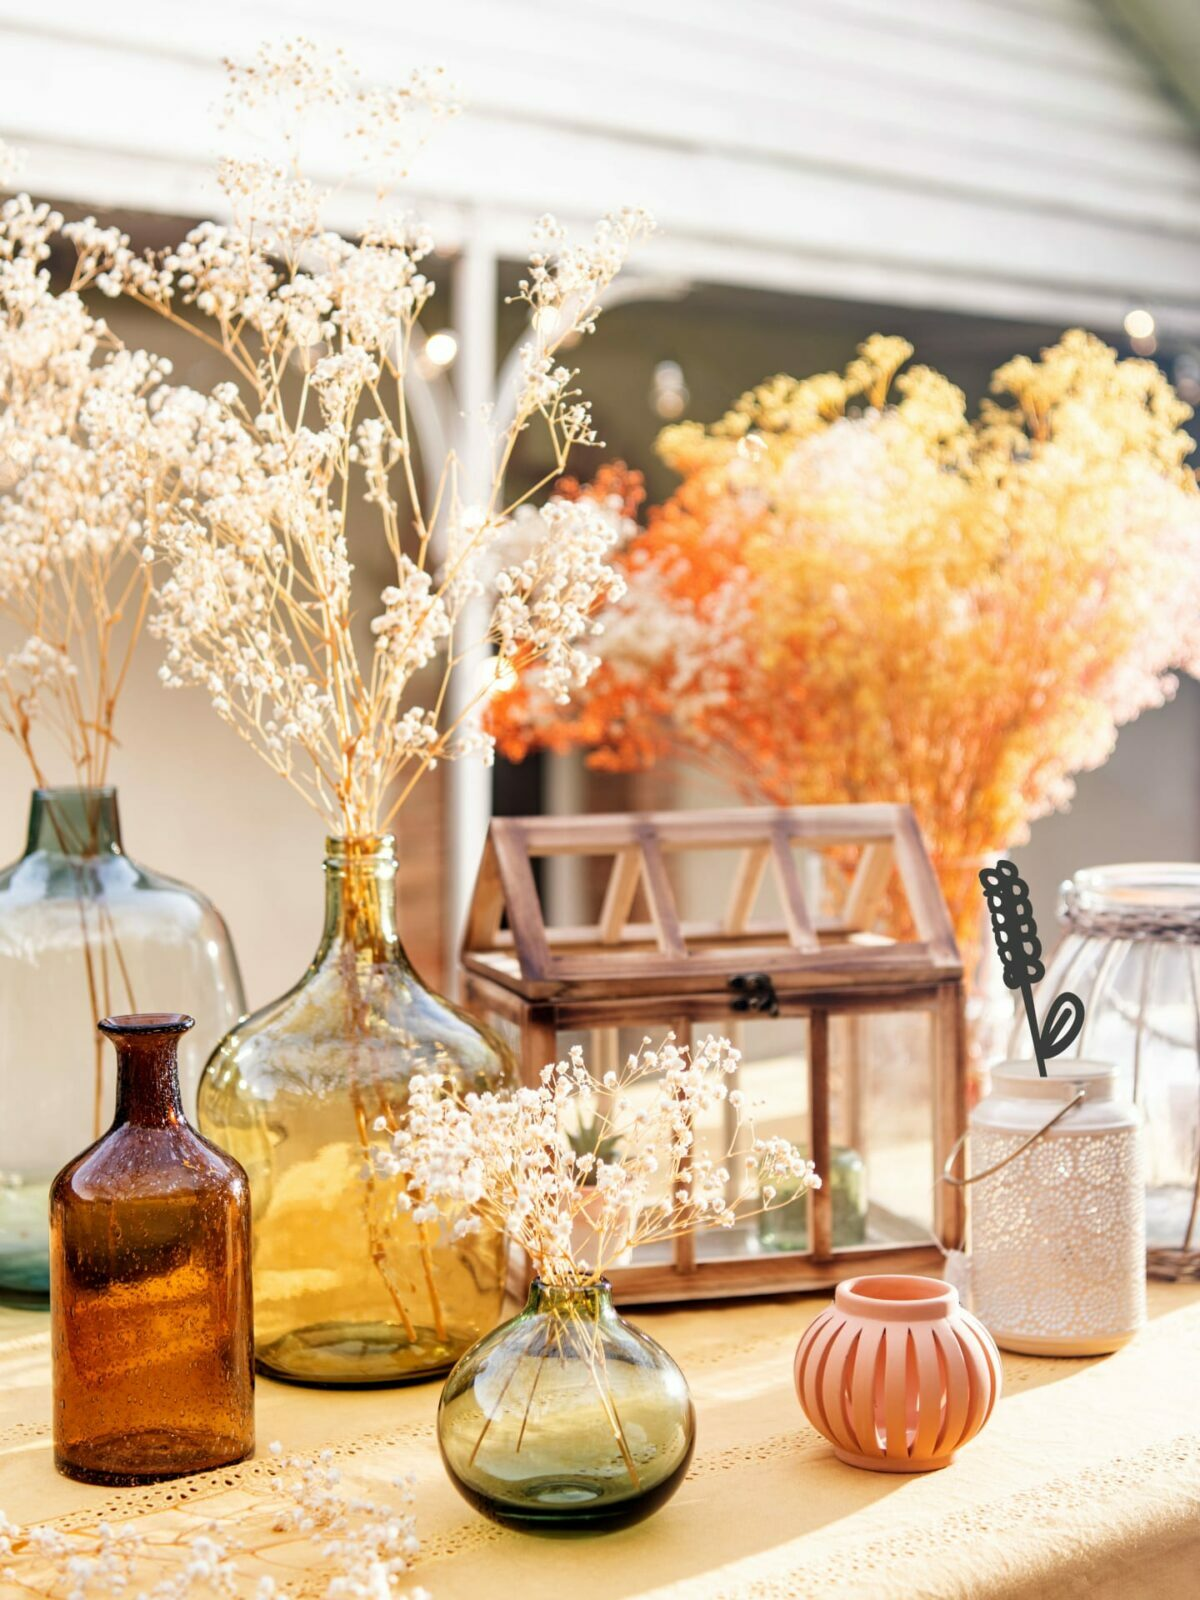 déco estivale table fête mariage bohème italienne couleur pastel vase gyspo séché bouquet